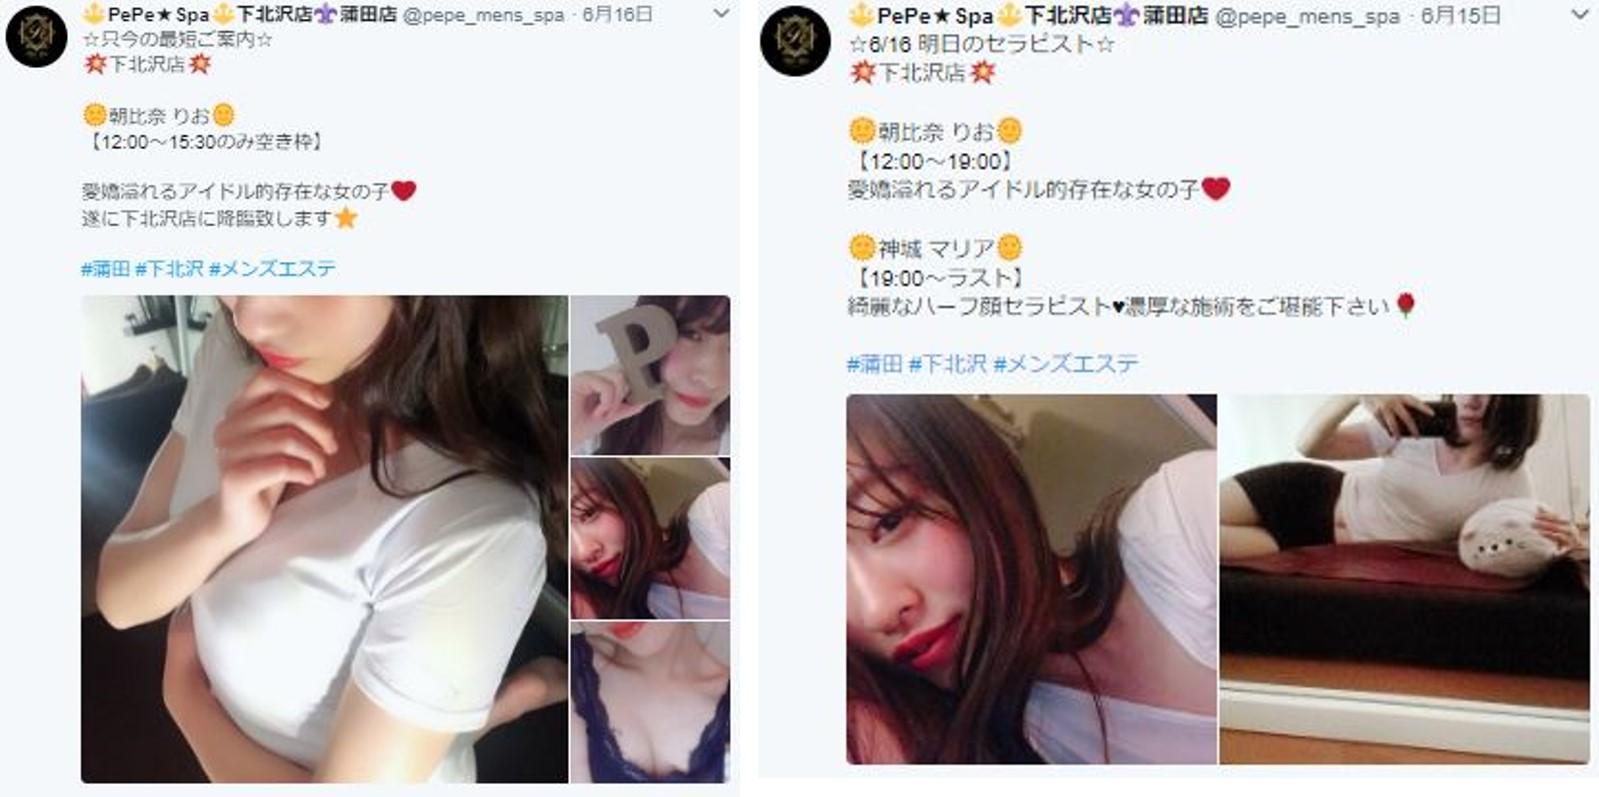 蒲田のメンズエステ店pepespa(ペペスパ)のセラピスト朝比奈りおさんの写真